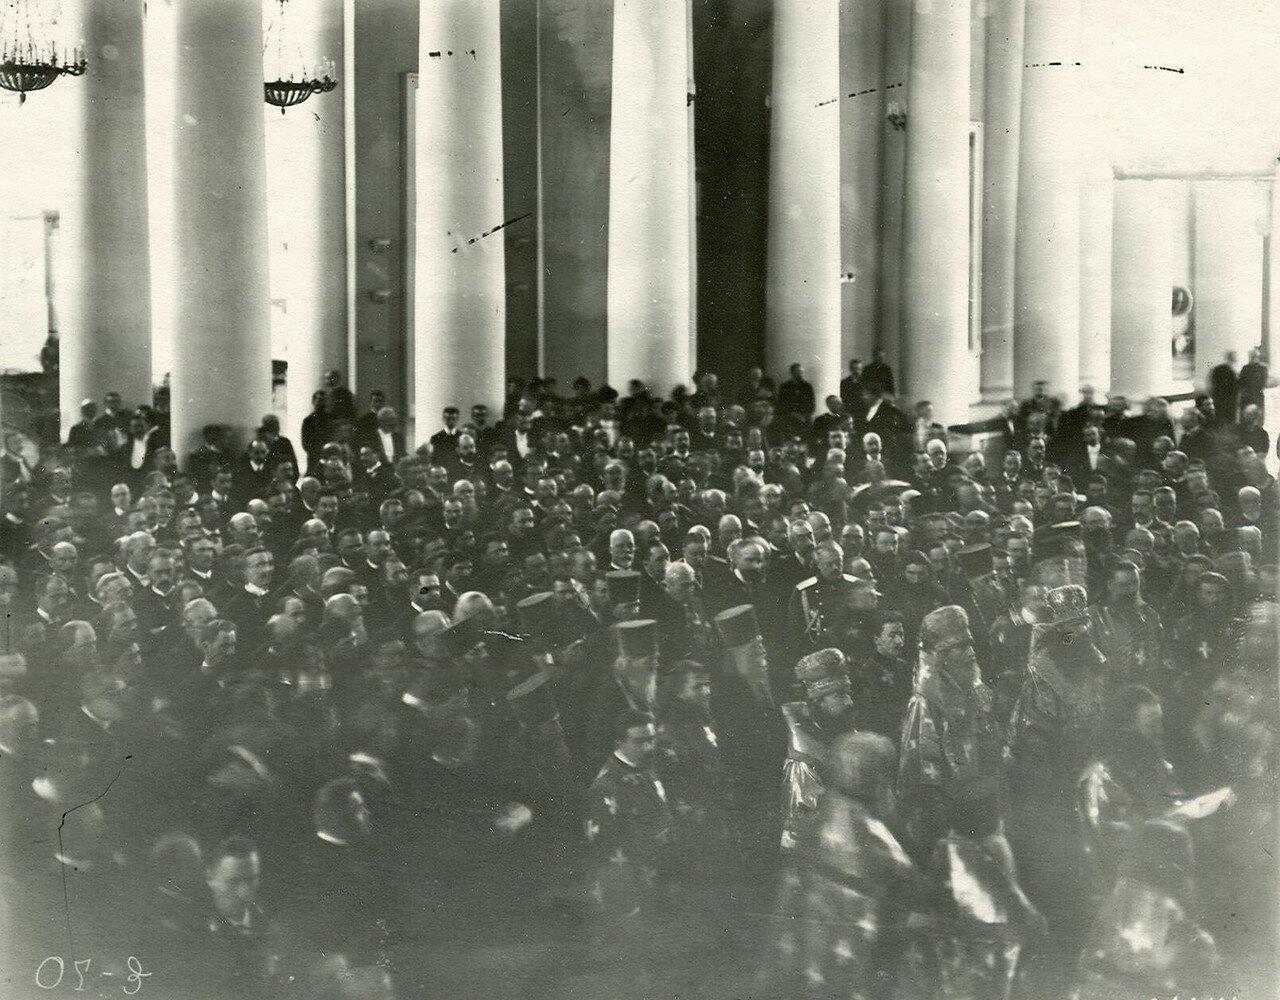 21. Богослужение в Екатерининском зале Таврического дворца по случаю открытия Второй Государственной думы